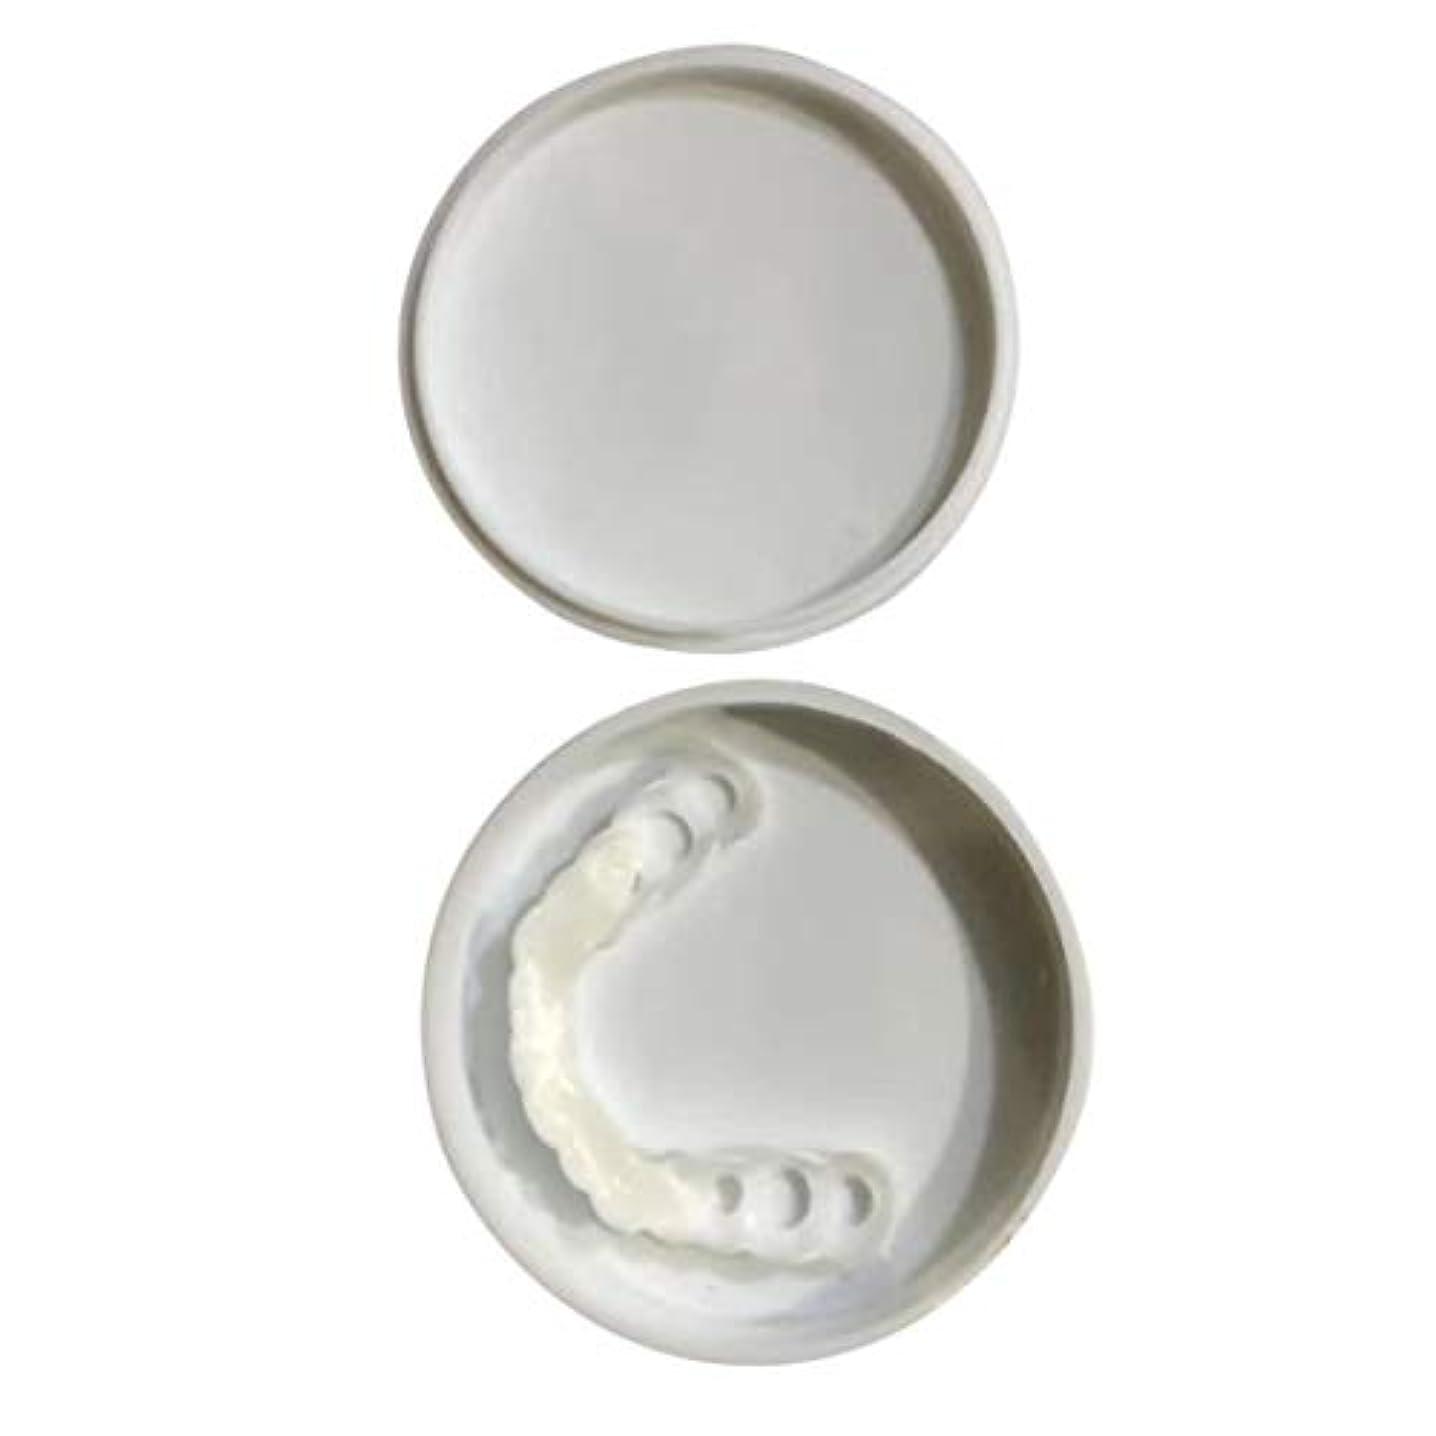 ワードローブゴムスポンジ快適なスナップオン男性女性歯インスタントパーフェクトスマイルコンフォートフィットフレックス歯フィットホワイトニング笑顔偽歯カバー - ホワイト